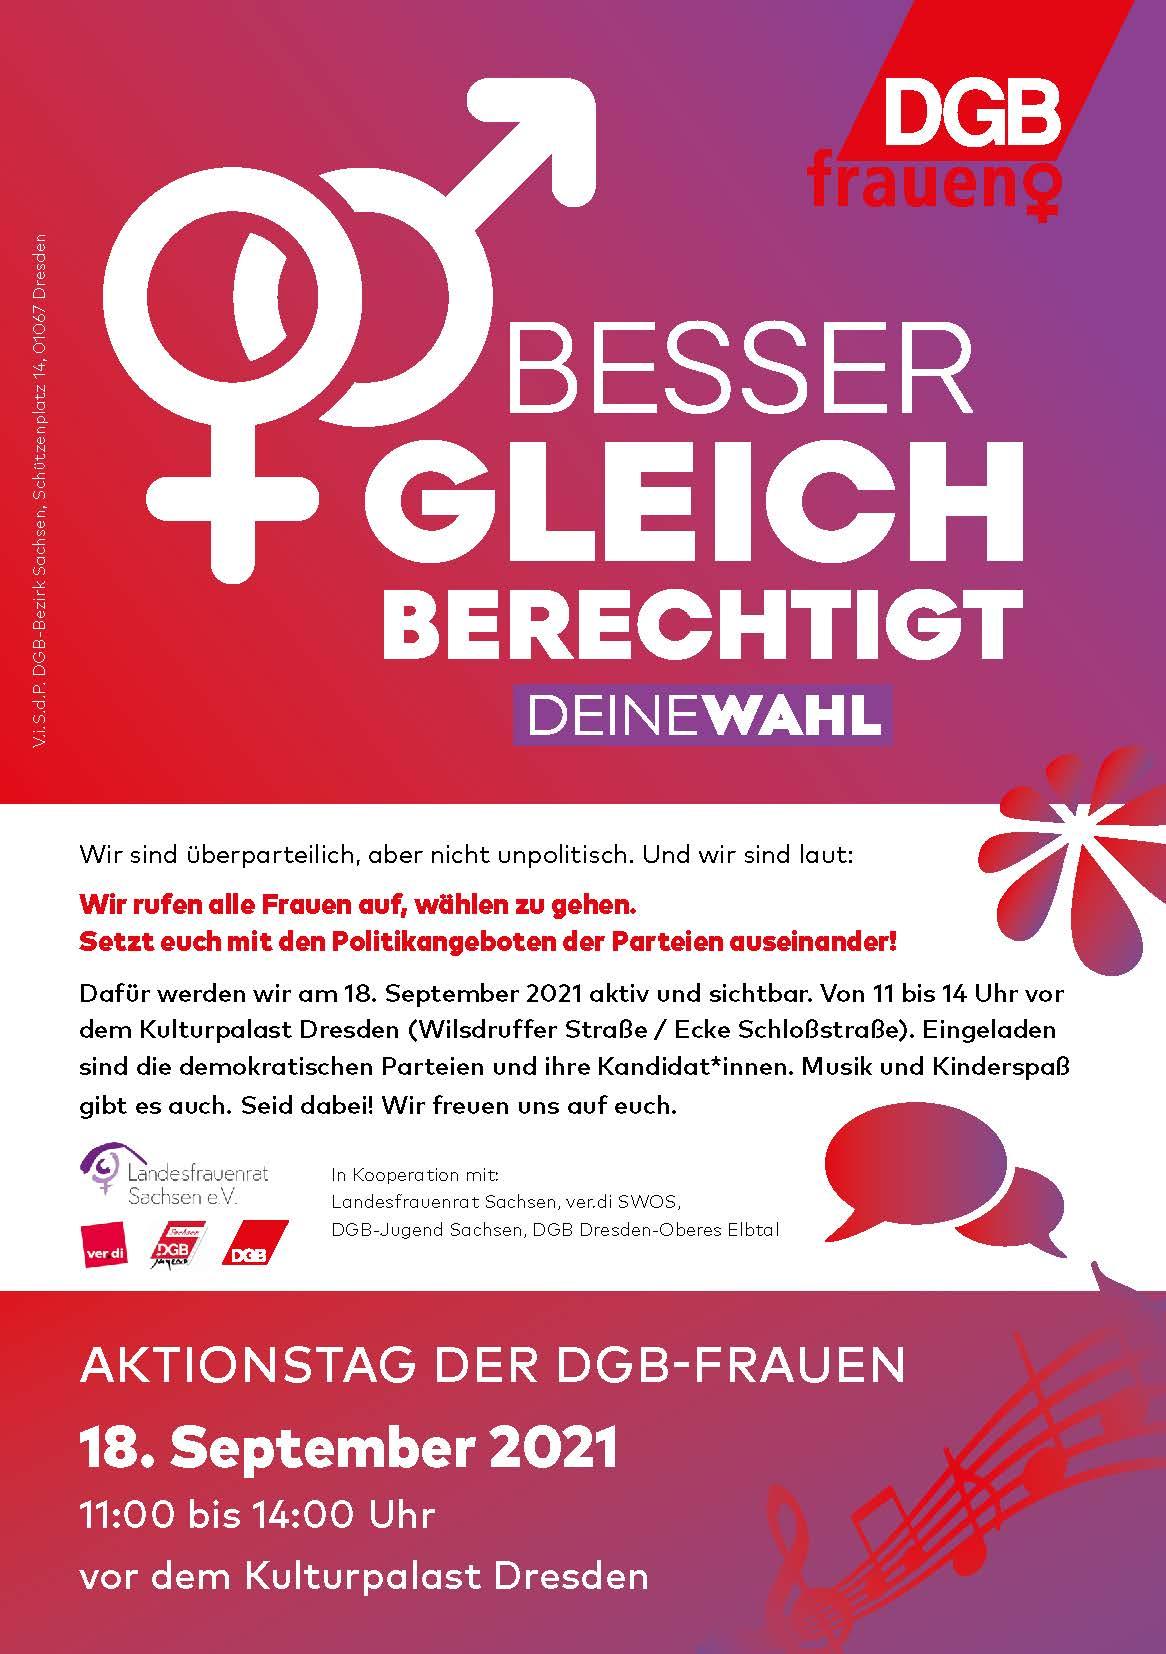 Ablauf Aktionstag Frauen